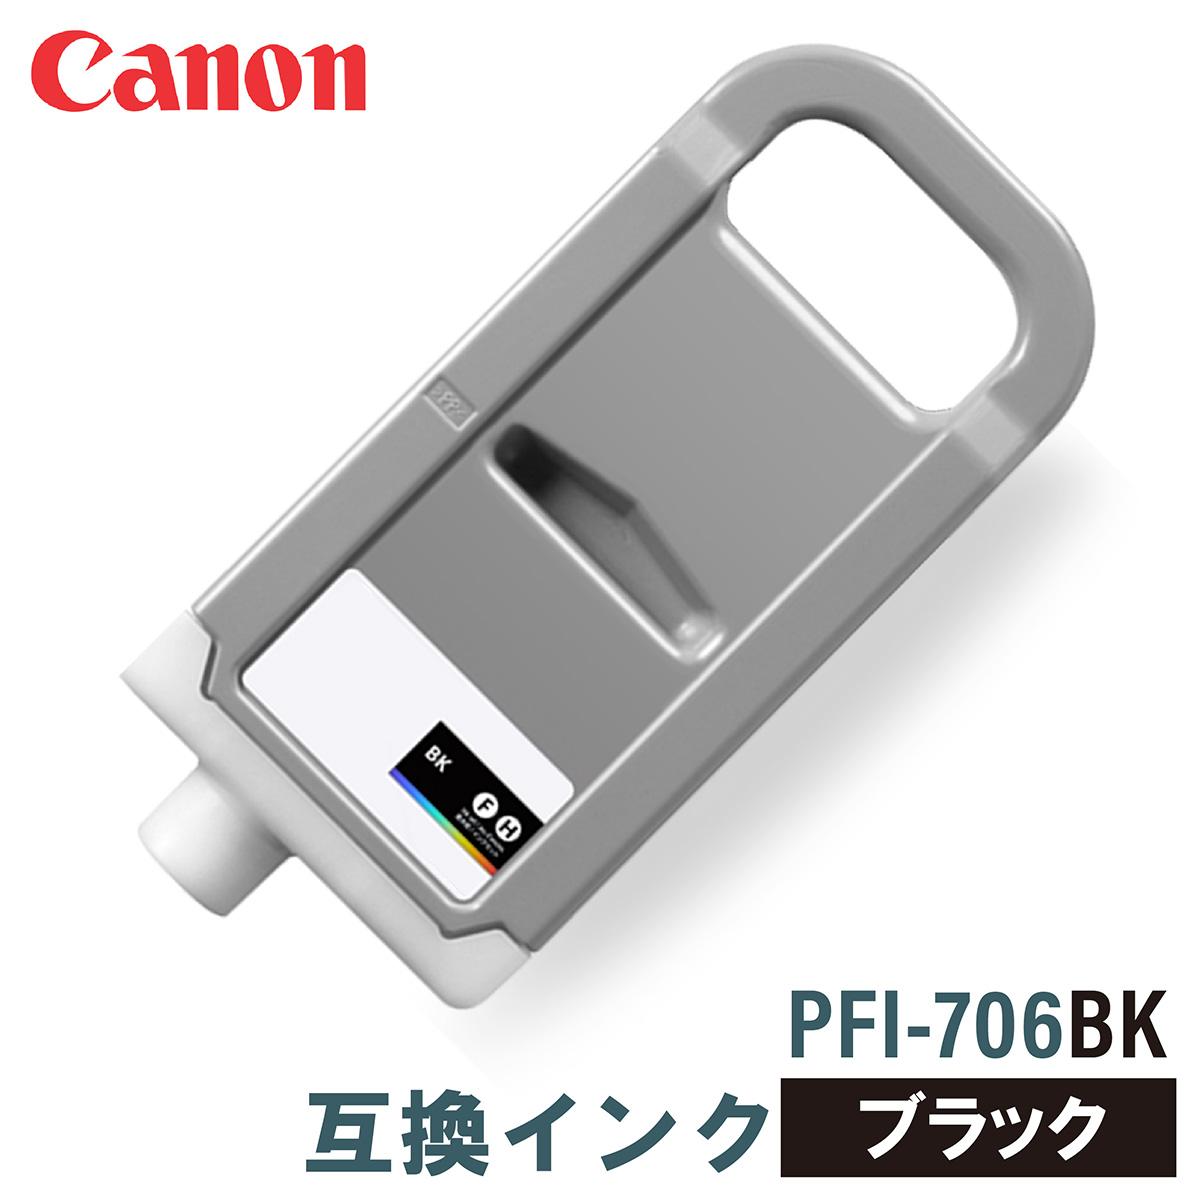 キヤノン 互換インク CANON PFI-706BK ブラック 700ml